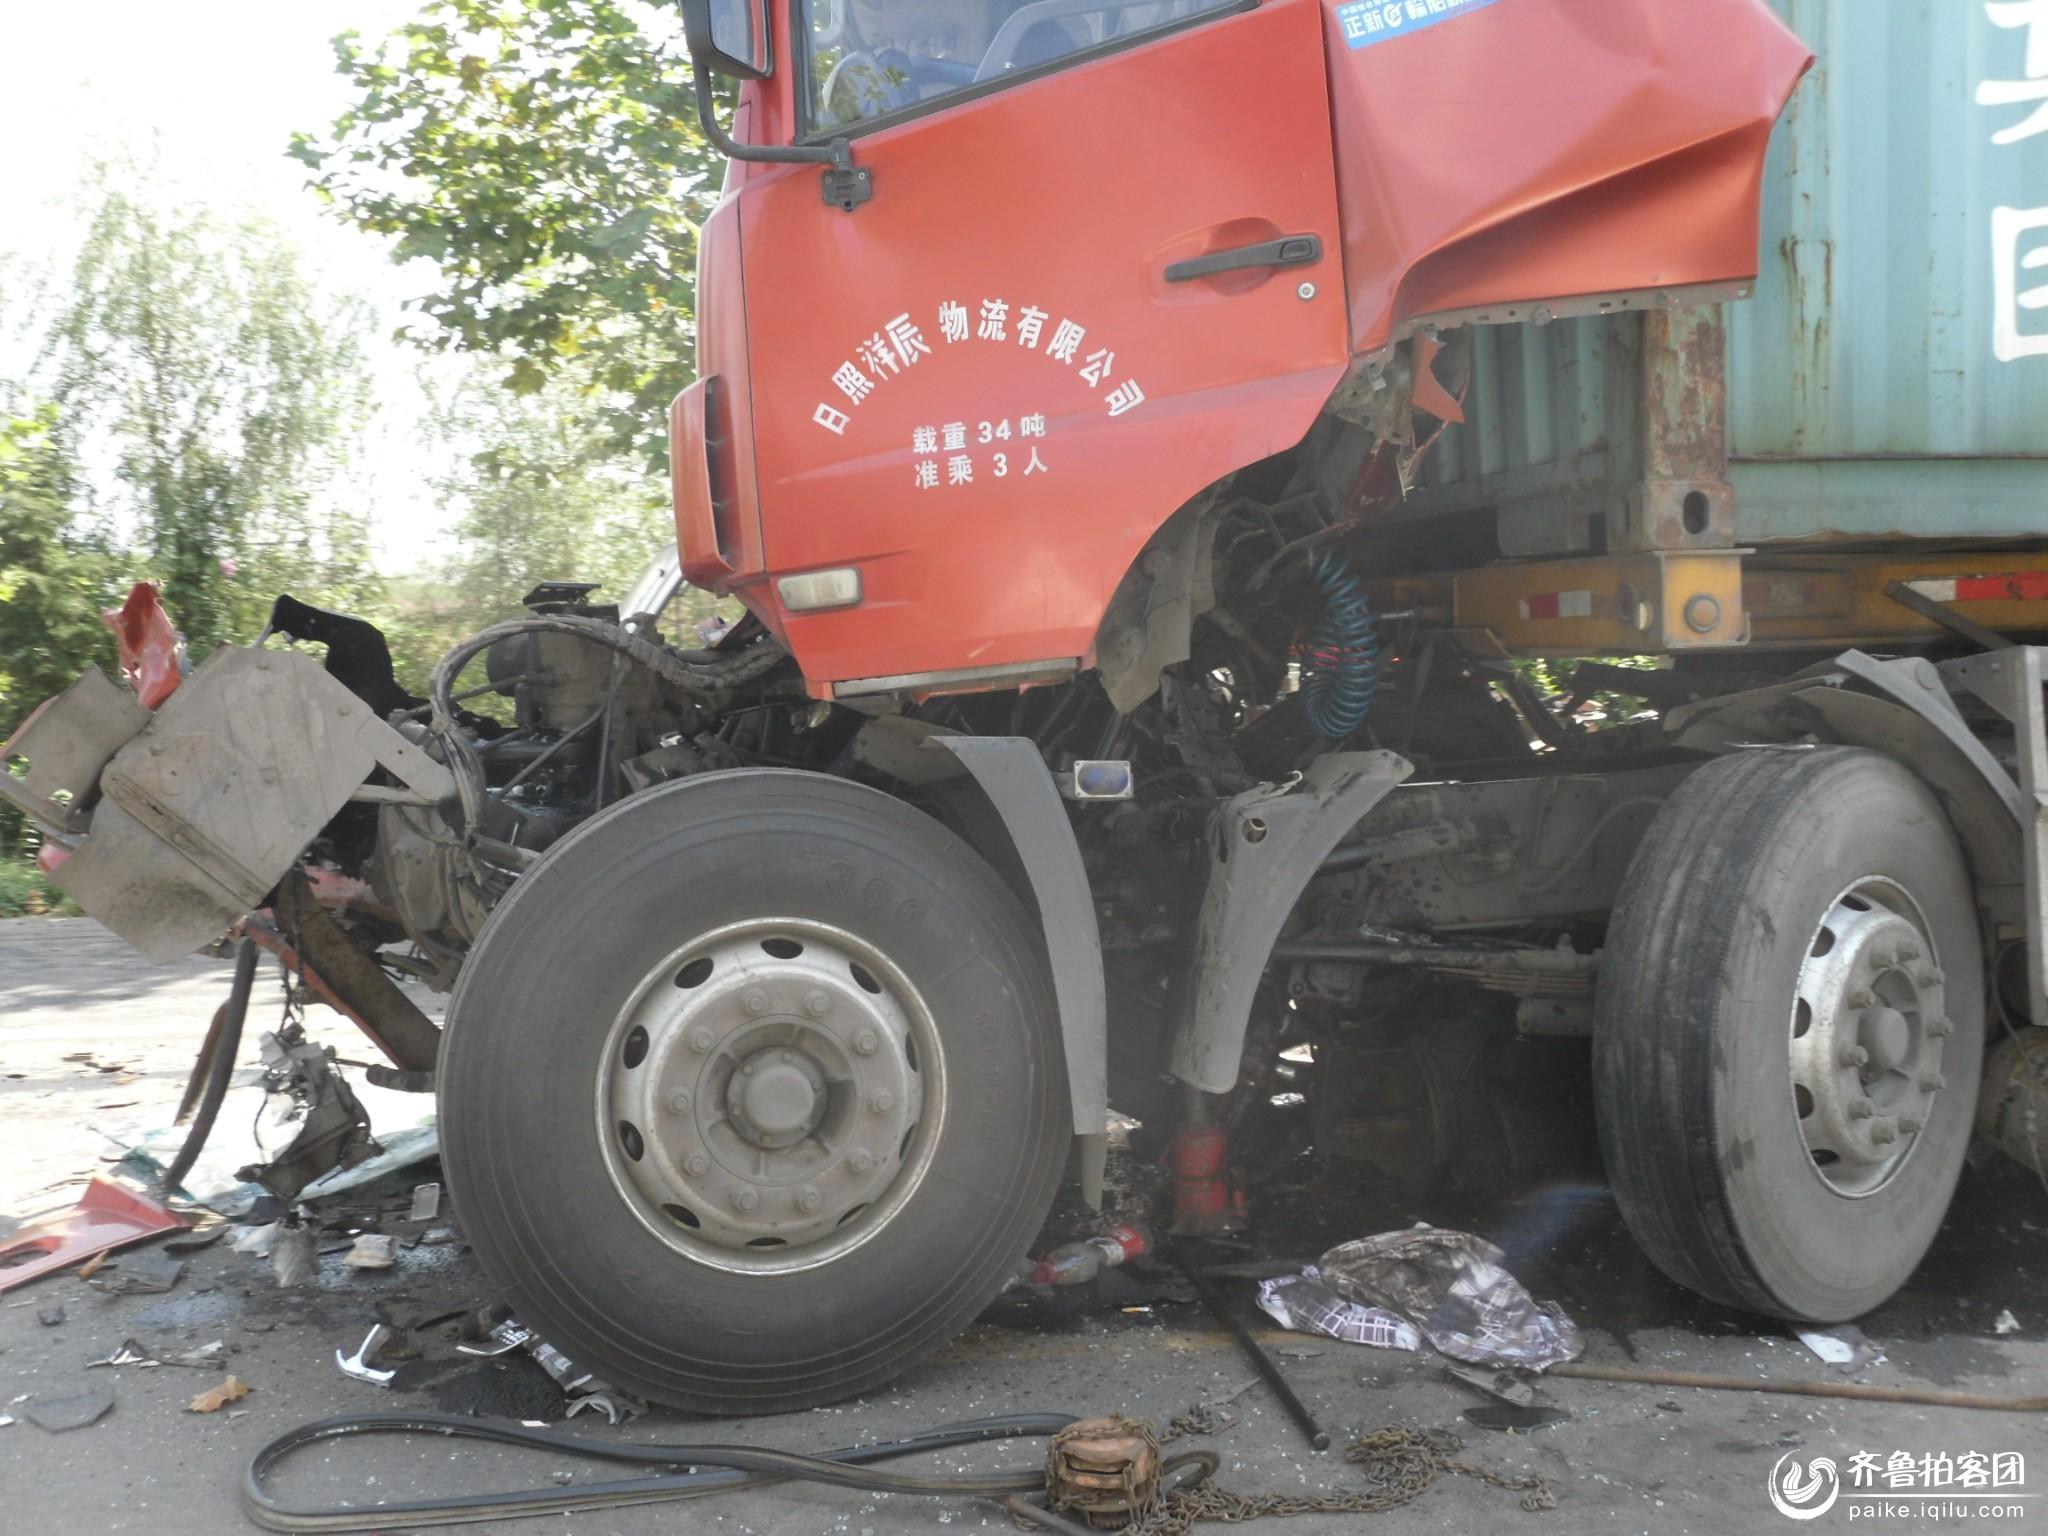 如此车祸 害人害己 希望开大车的朋友们不要横冲直撞 潍坊高清图片